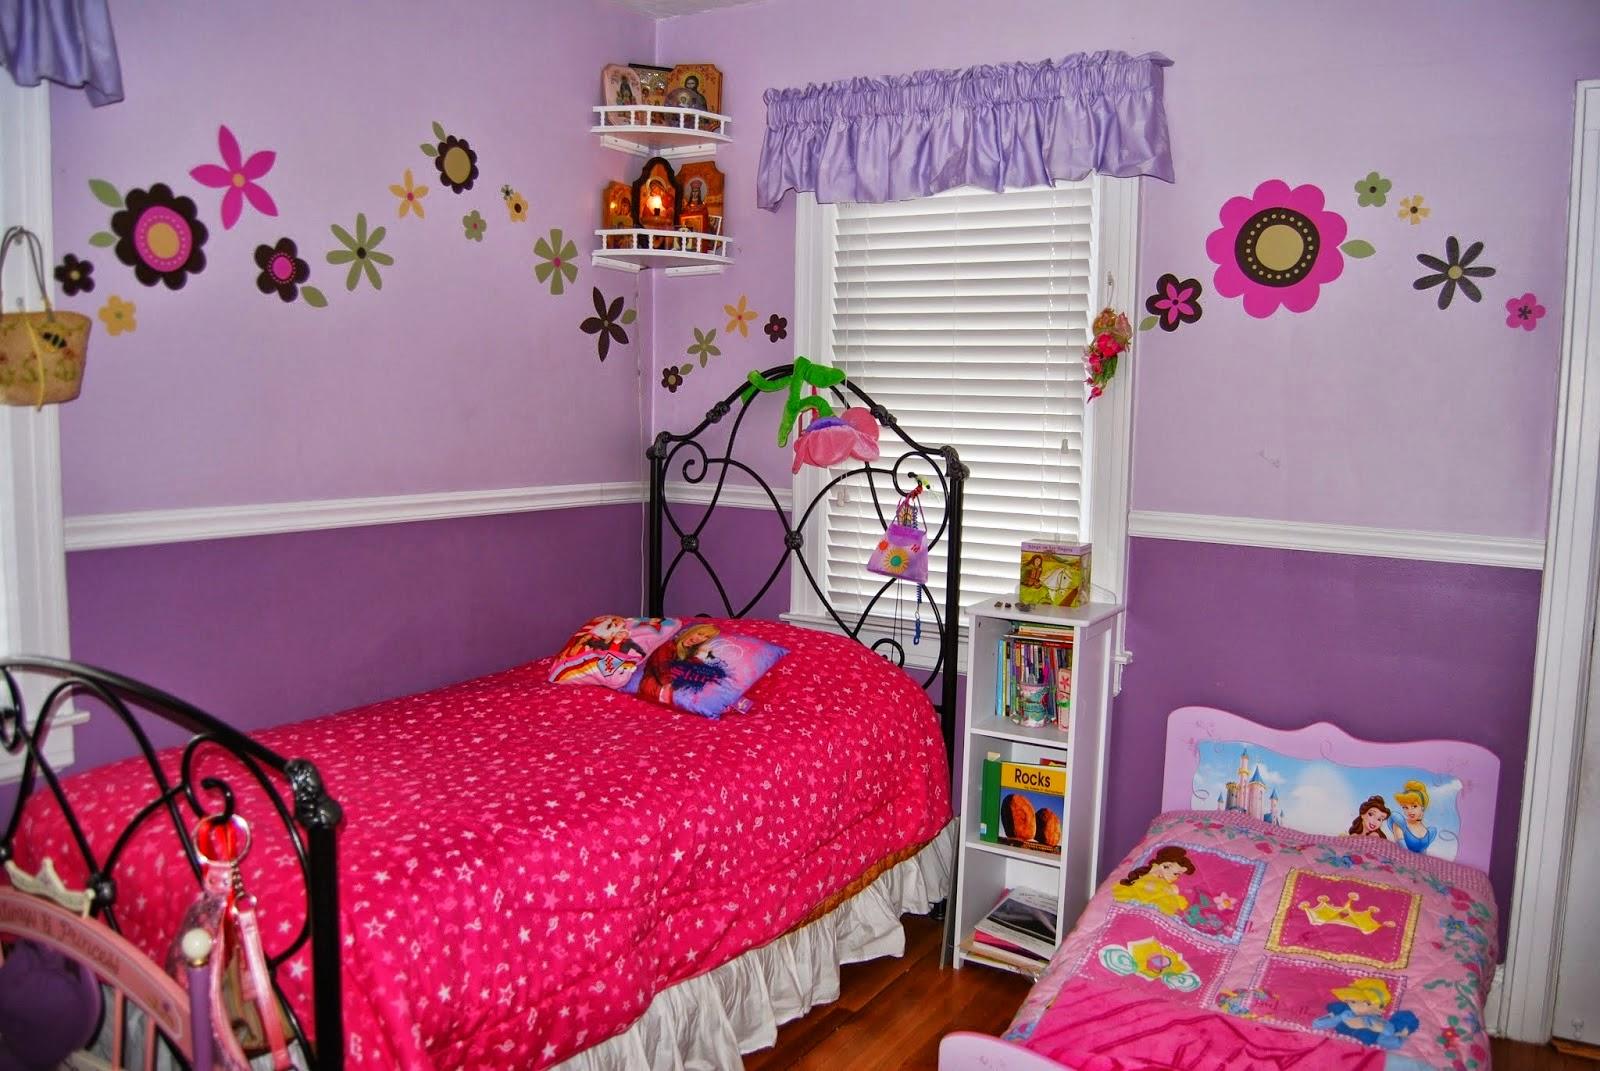 http://ruangantidur.blogspot.com/2015/01/menata-ruangan-tidur-anak.html